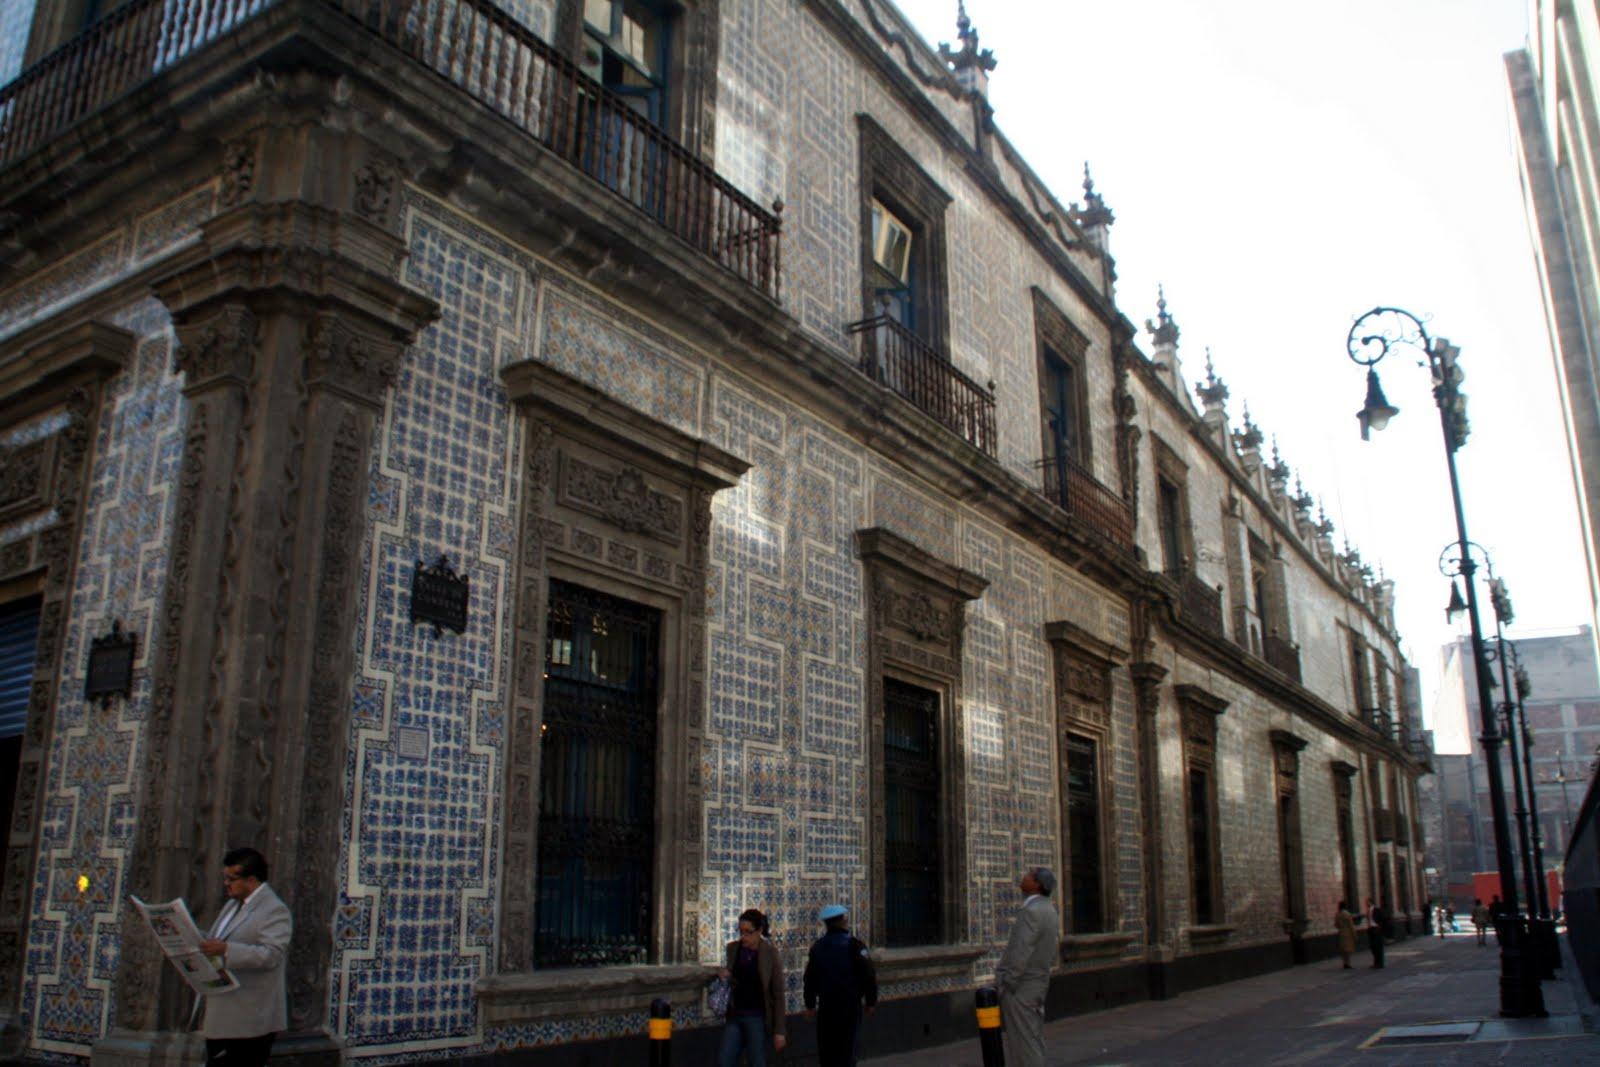 Cuadernos de viaje mexico df ene101 3 for Sanborns azulejos historia